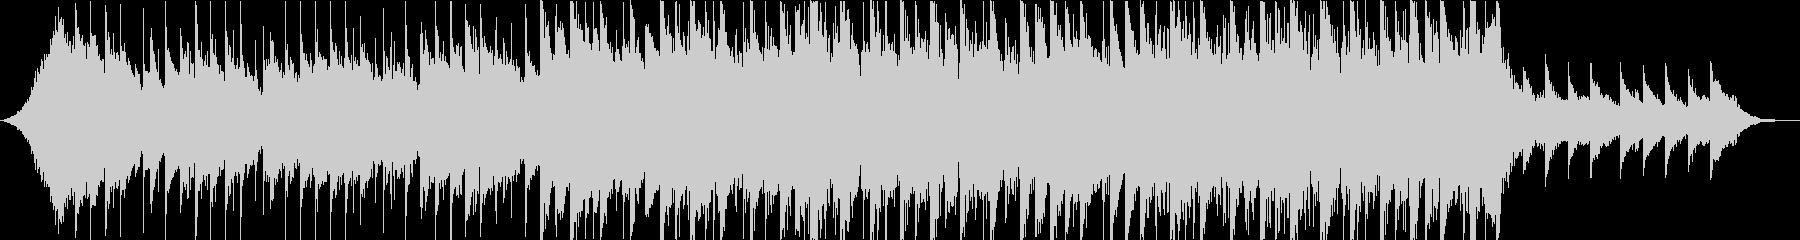 企業VP・希望・エレクトロ 30秒版の未再生の波形